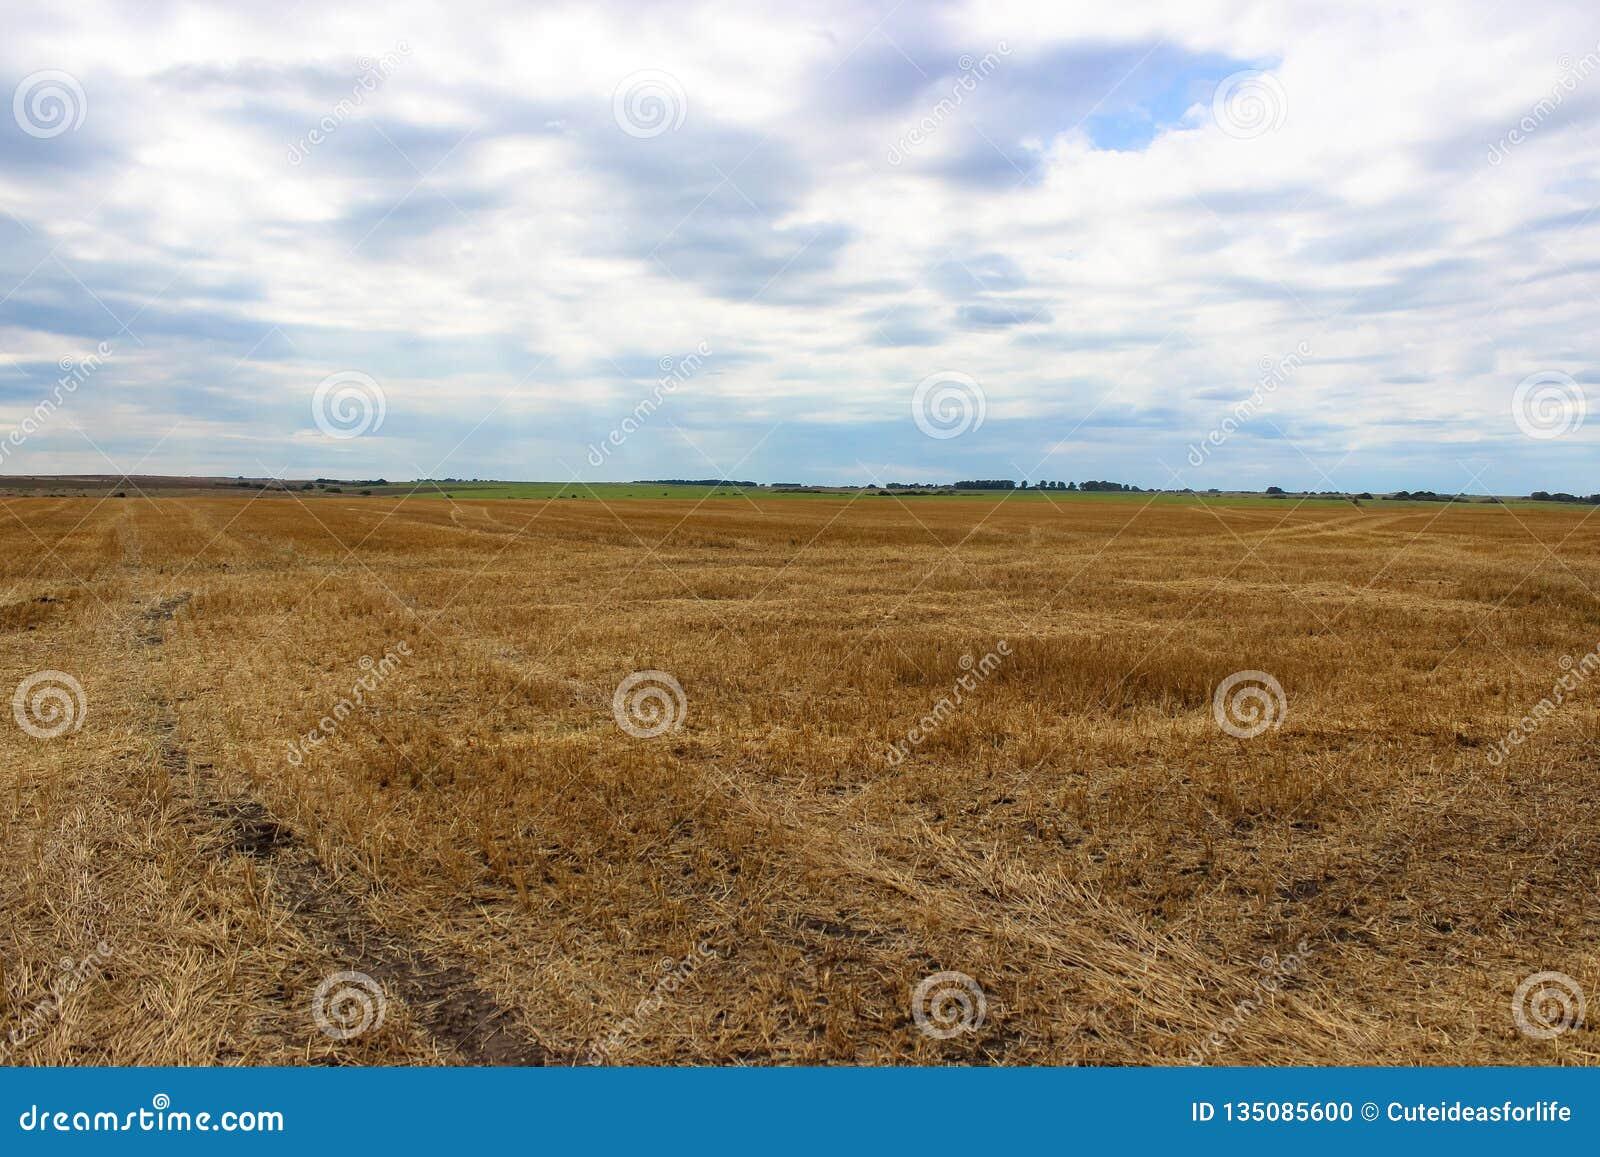 En stor gul veteåker, når att ha skördat och mulen, himmel i bakgrunden